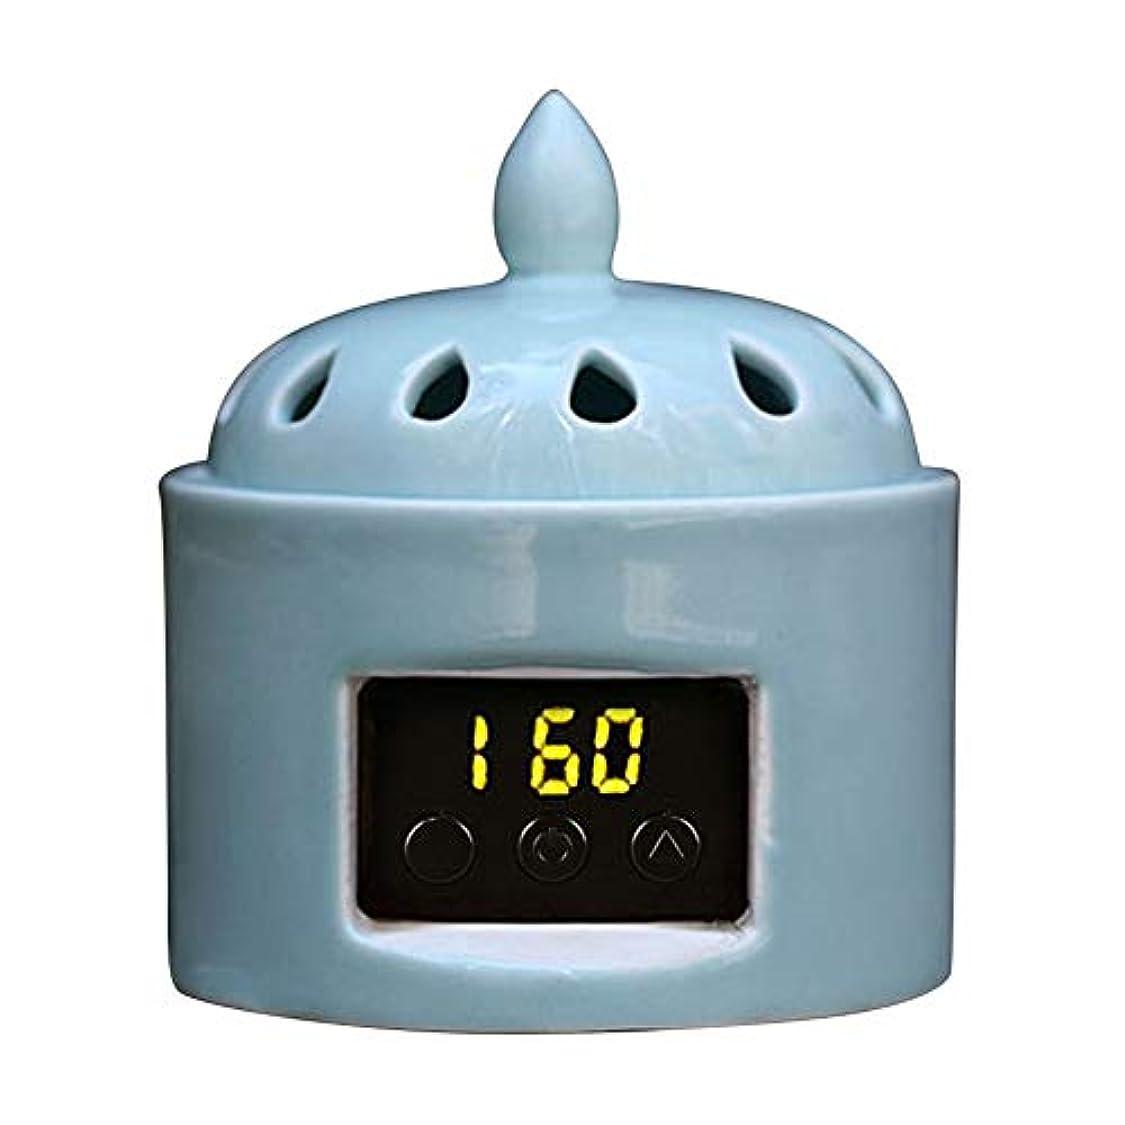 遊び場空気支払うアロマディフューザー LCD温度制御 香炉、 電気セラミック 寒天 エッセンシャルオイル アロマテラピーディフューザー、 ホーム磁器、 バルコニー、 ポーチ、 パティオ、 ガーデンエッセンシャル セラミック電気香炉